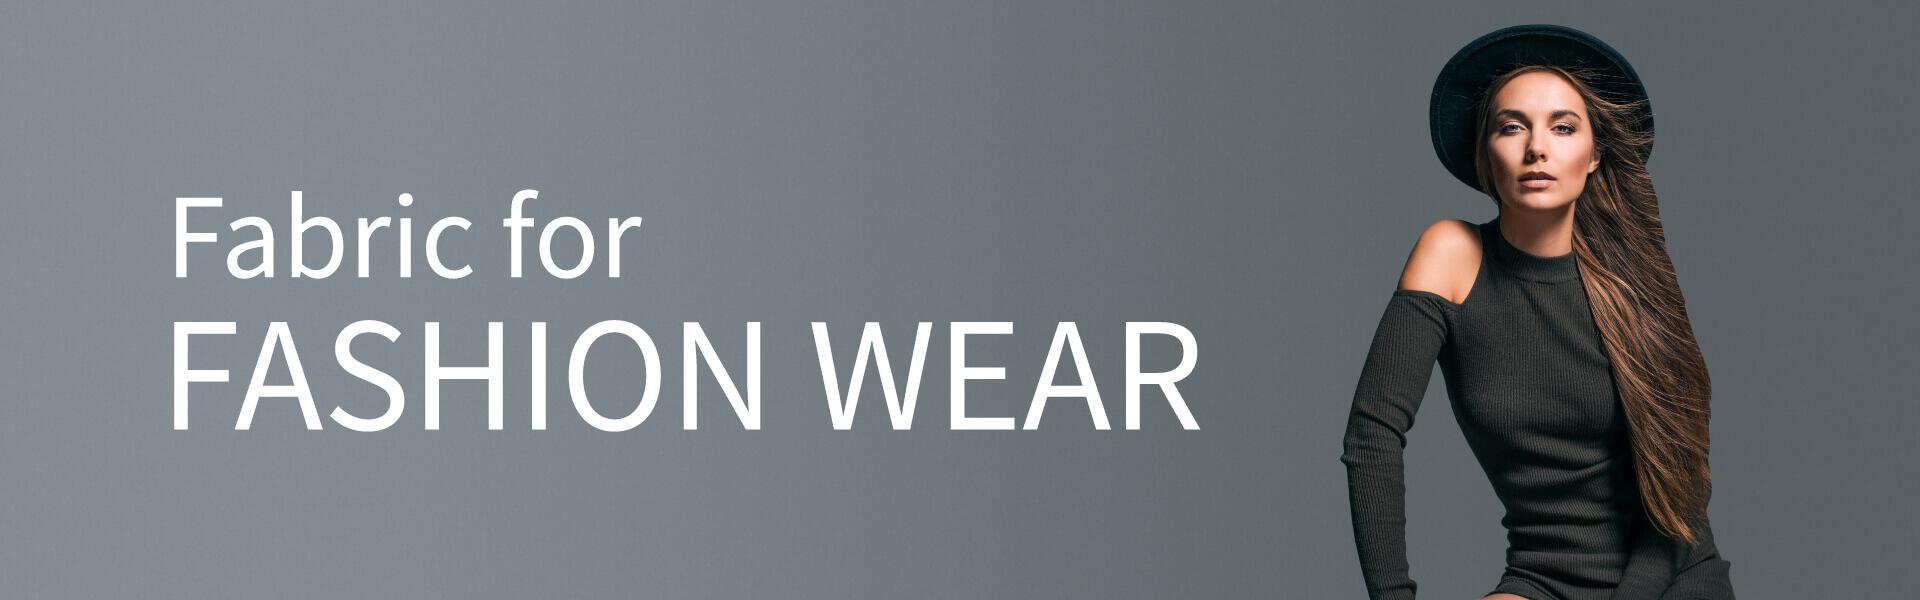 Catagory-fashionwear